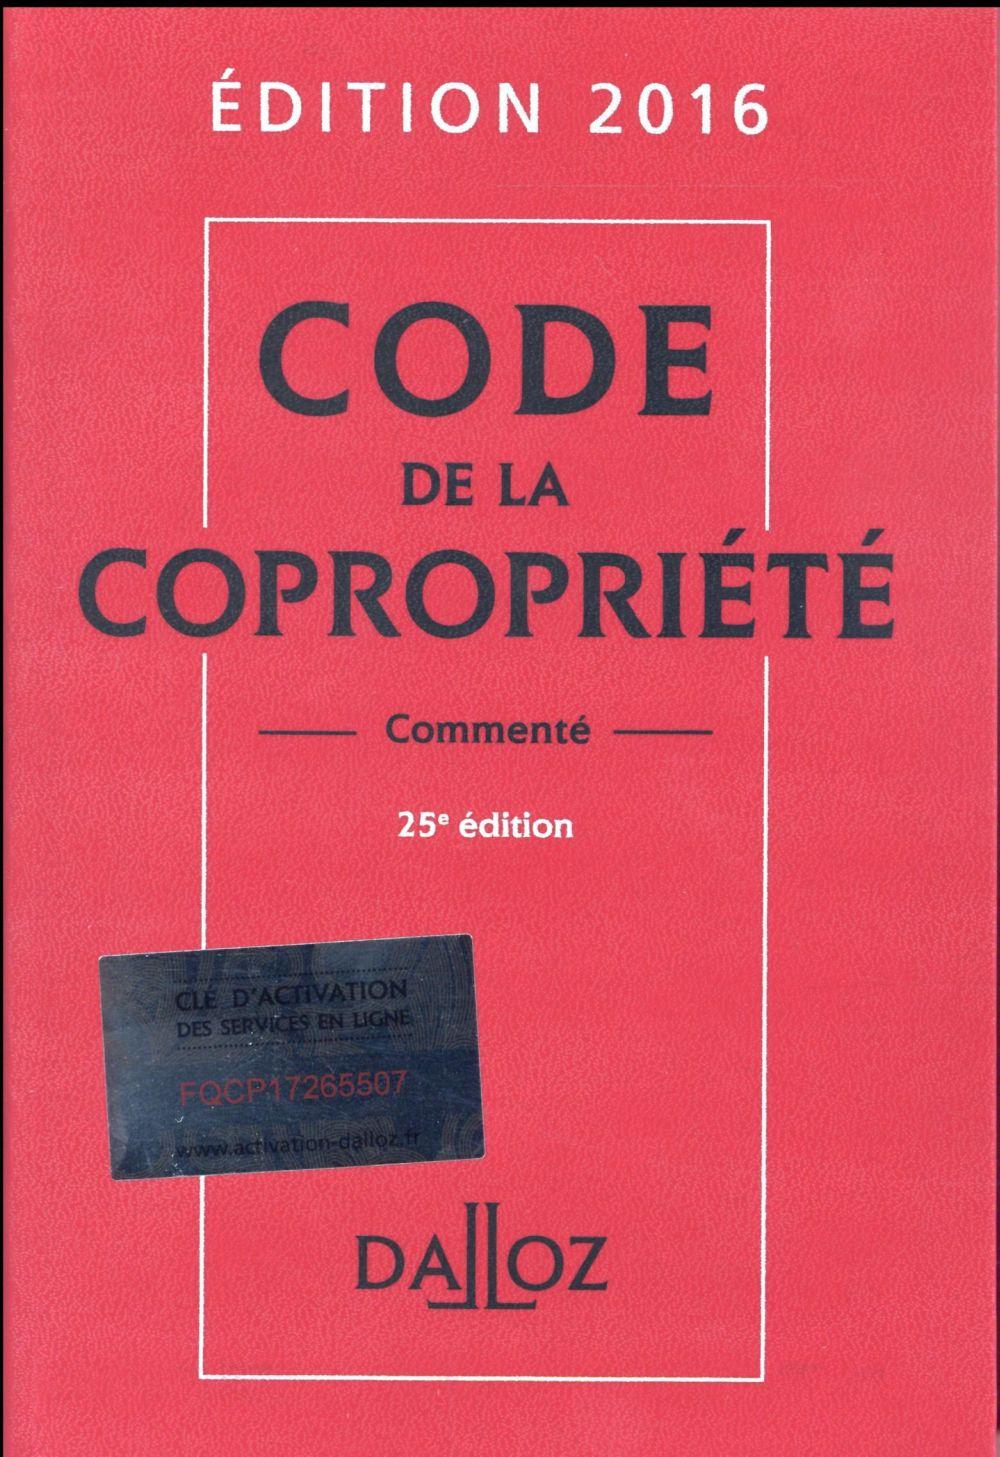 Code de la copropriété, commenté (édition 2016)